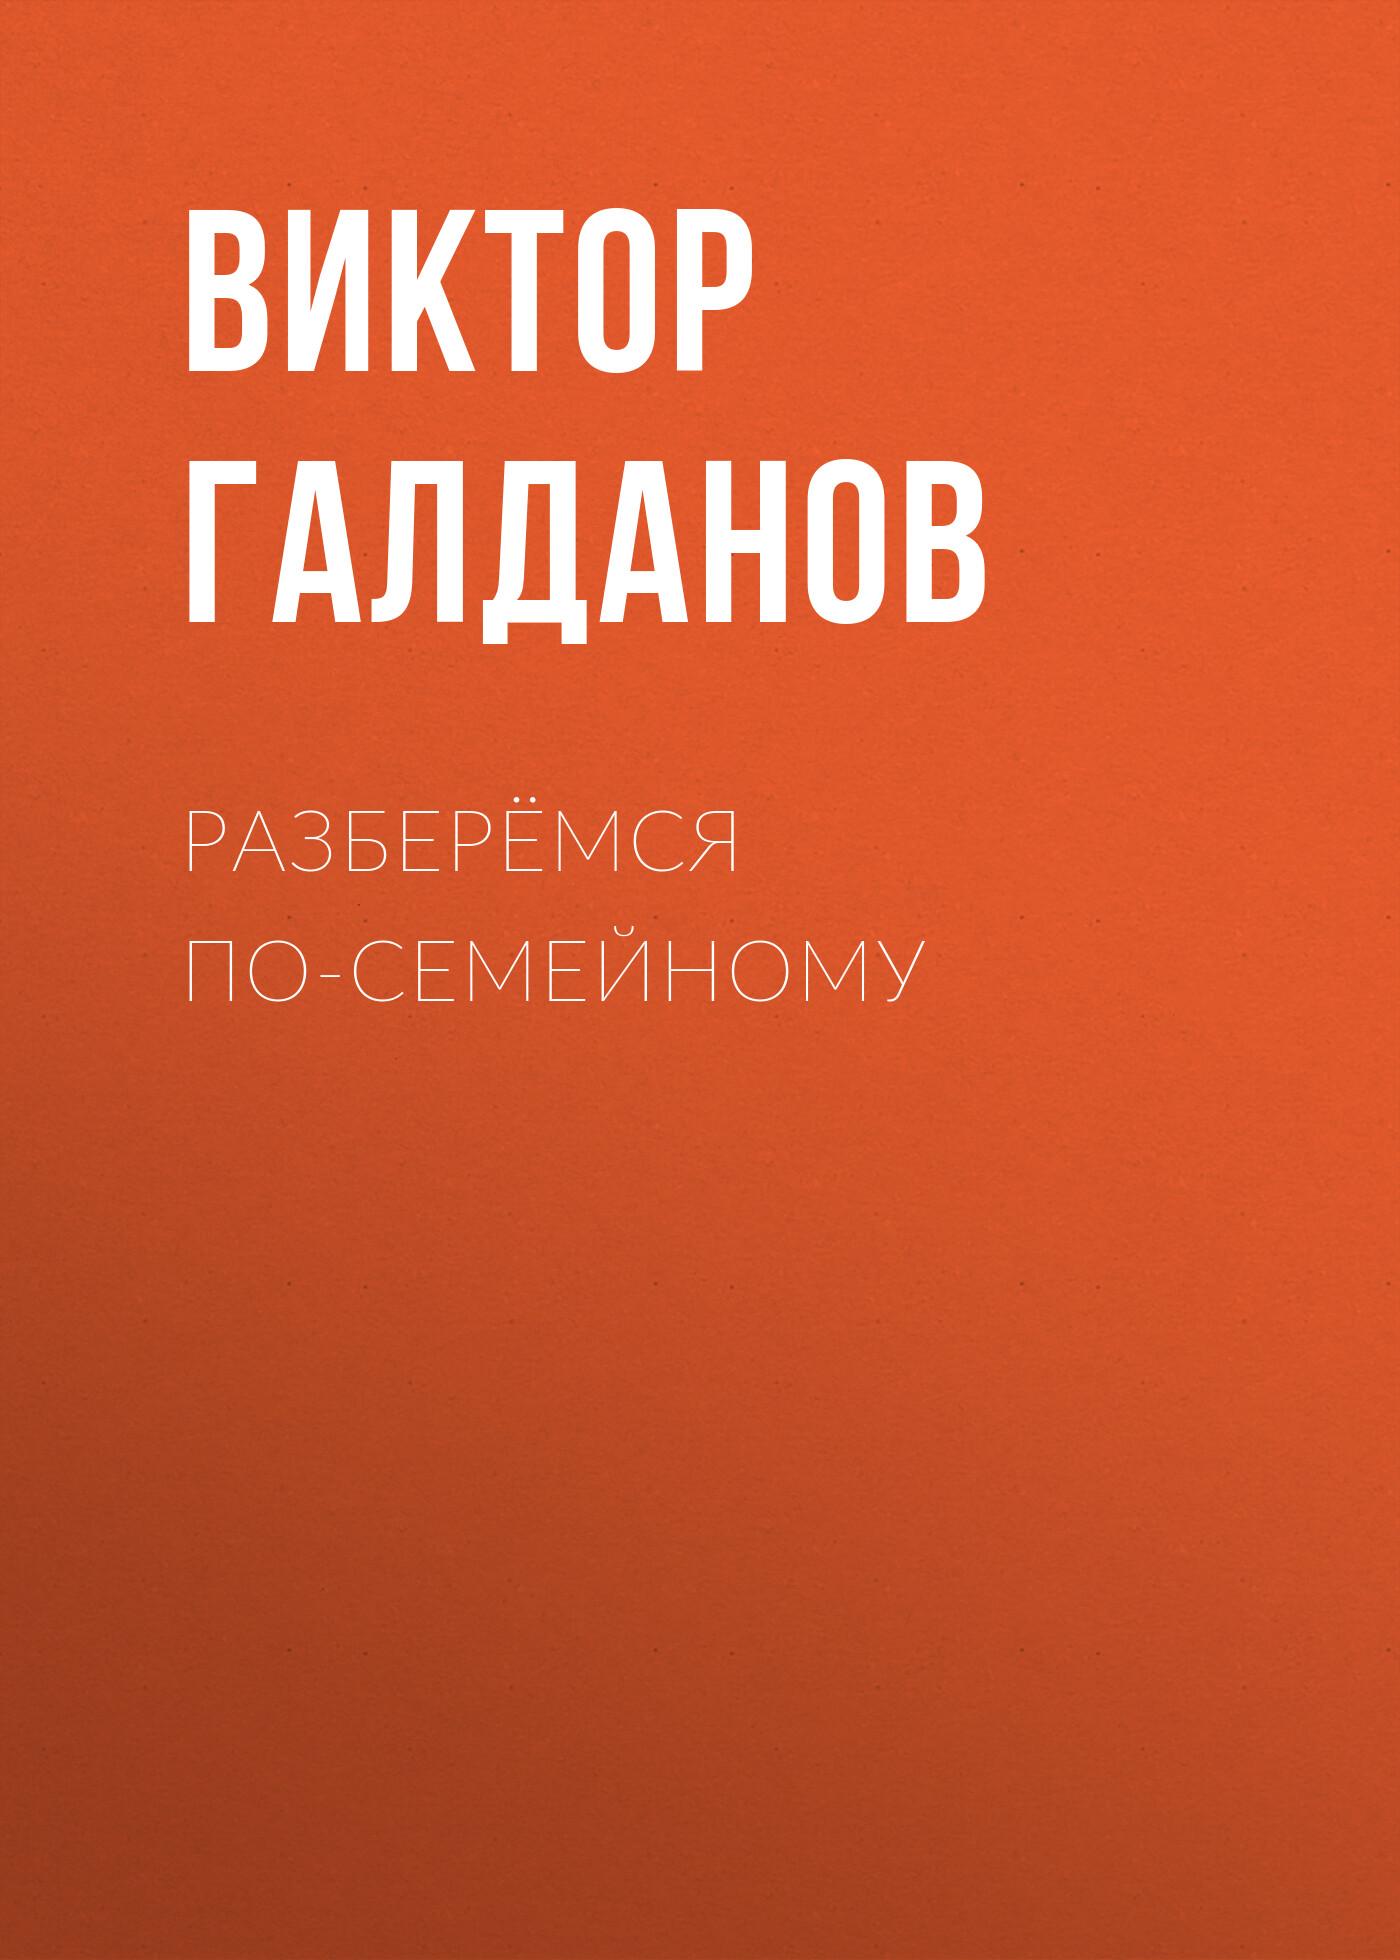 Виктор Галданов Разберёмся по-семейному синсеро д ни сы будь уверен в своих силах и не позволяй сомнениям мешать тебе двигаться вперед